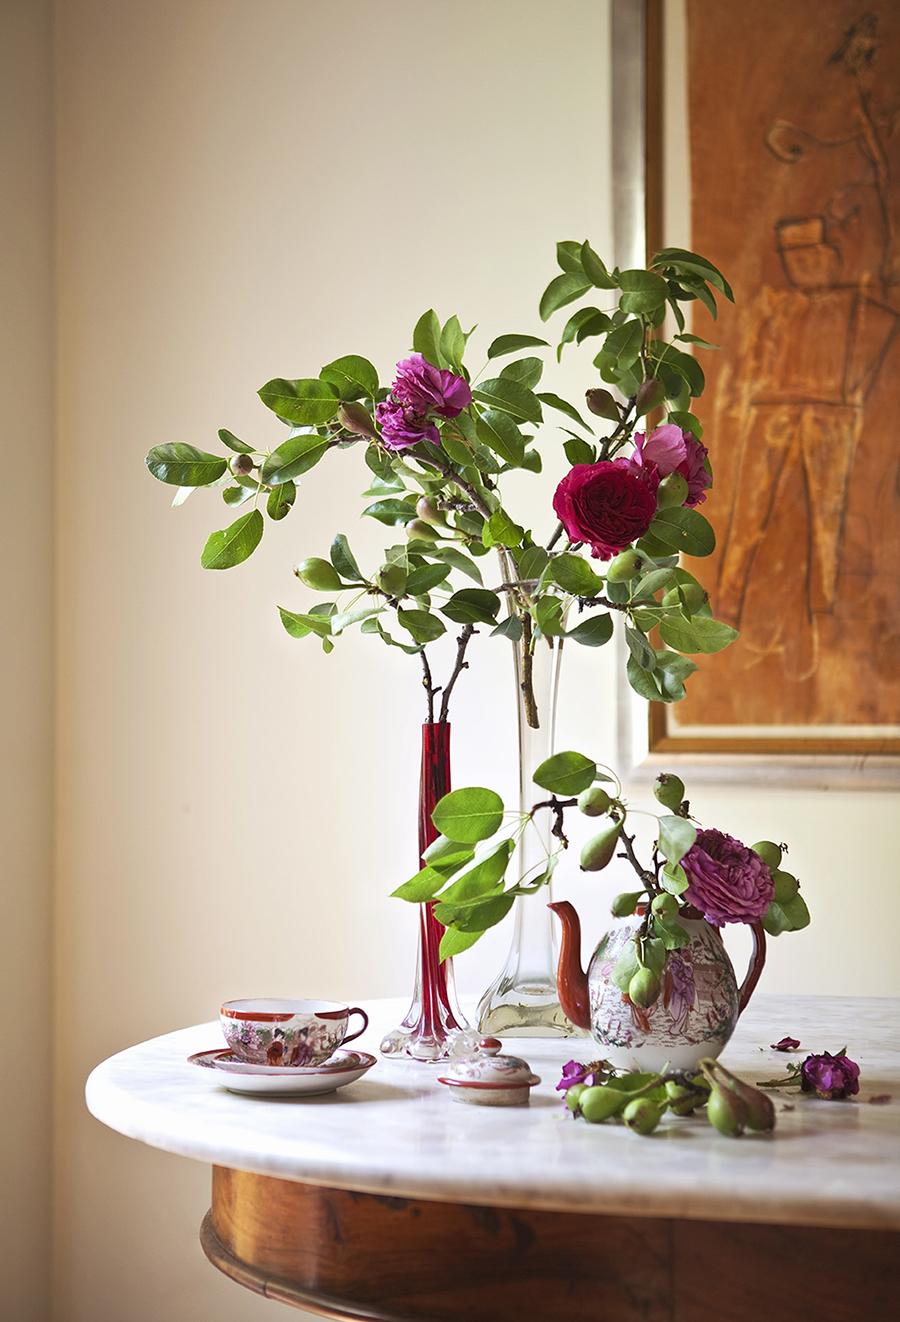 *** Local Caption *** Cafetera de porcelana con flores / jarrÛn / rosas / arreglo floral / arreglos florales / taza / obra de InÈs Urquijo NUEVO ESTILO 463 01/10/2016 P230